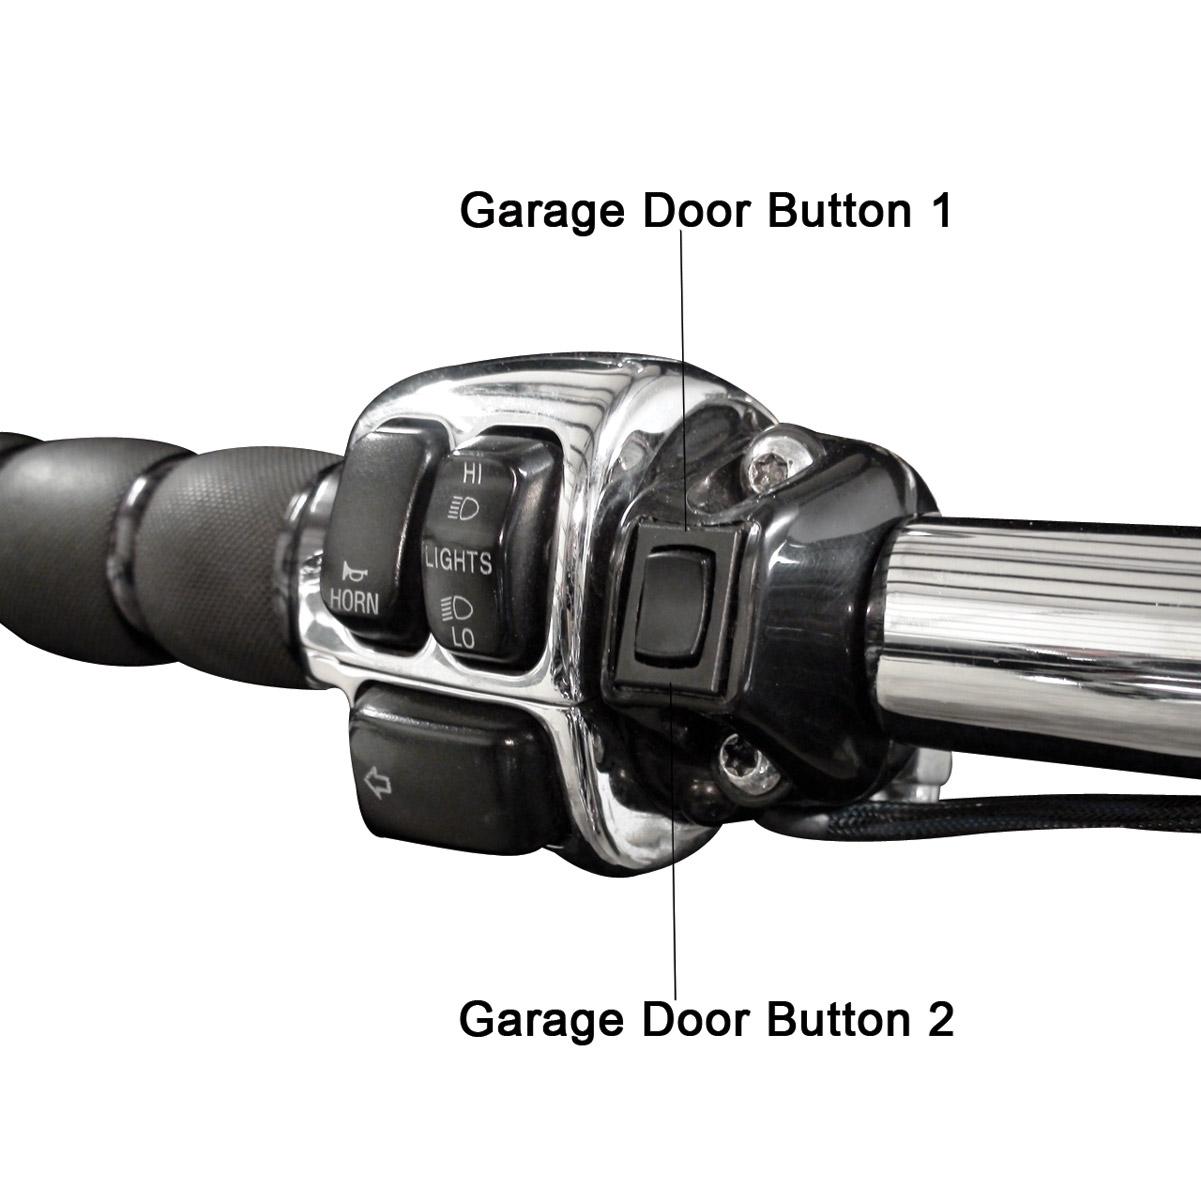 Grip Switch Dual Garage Door Opener Kit, Black